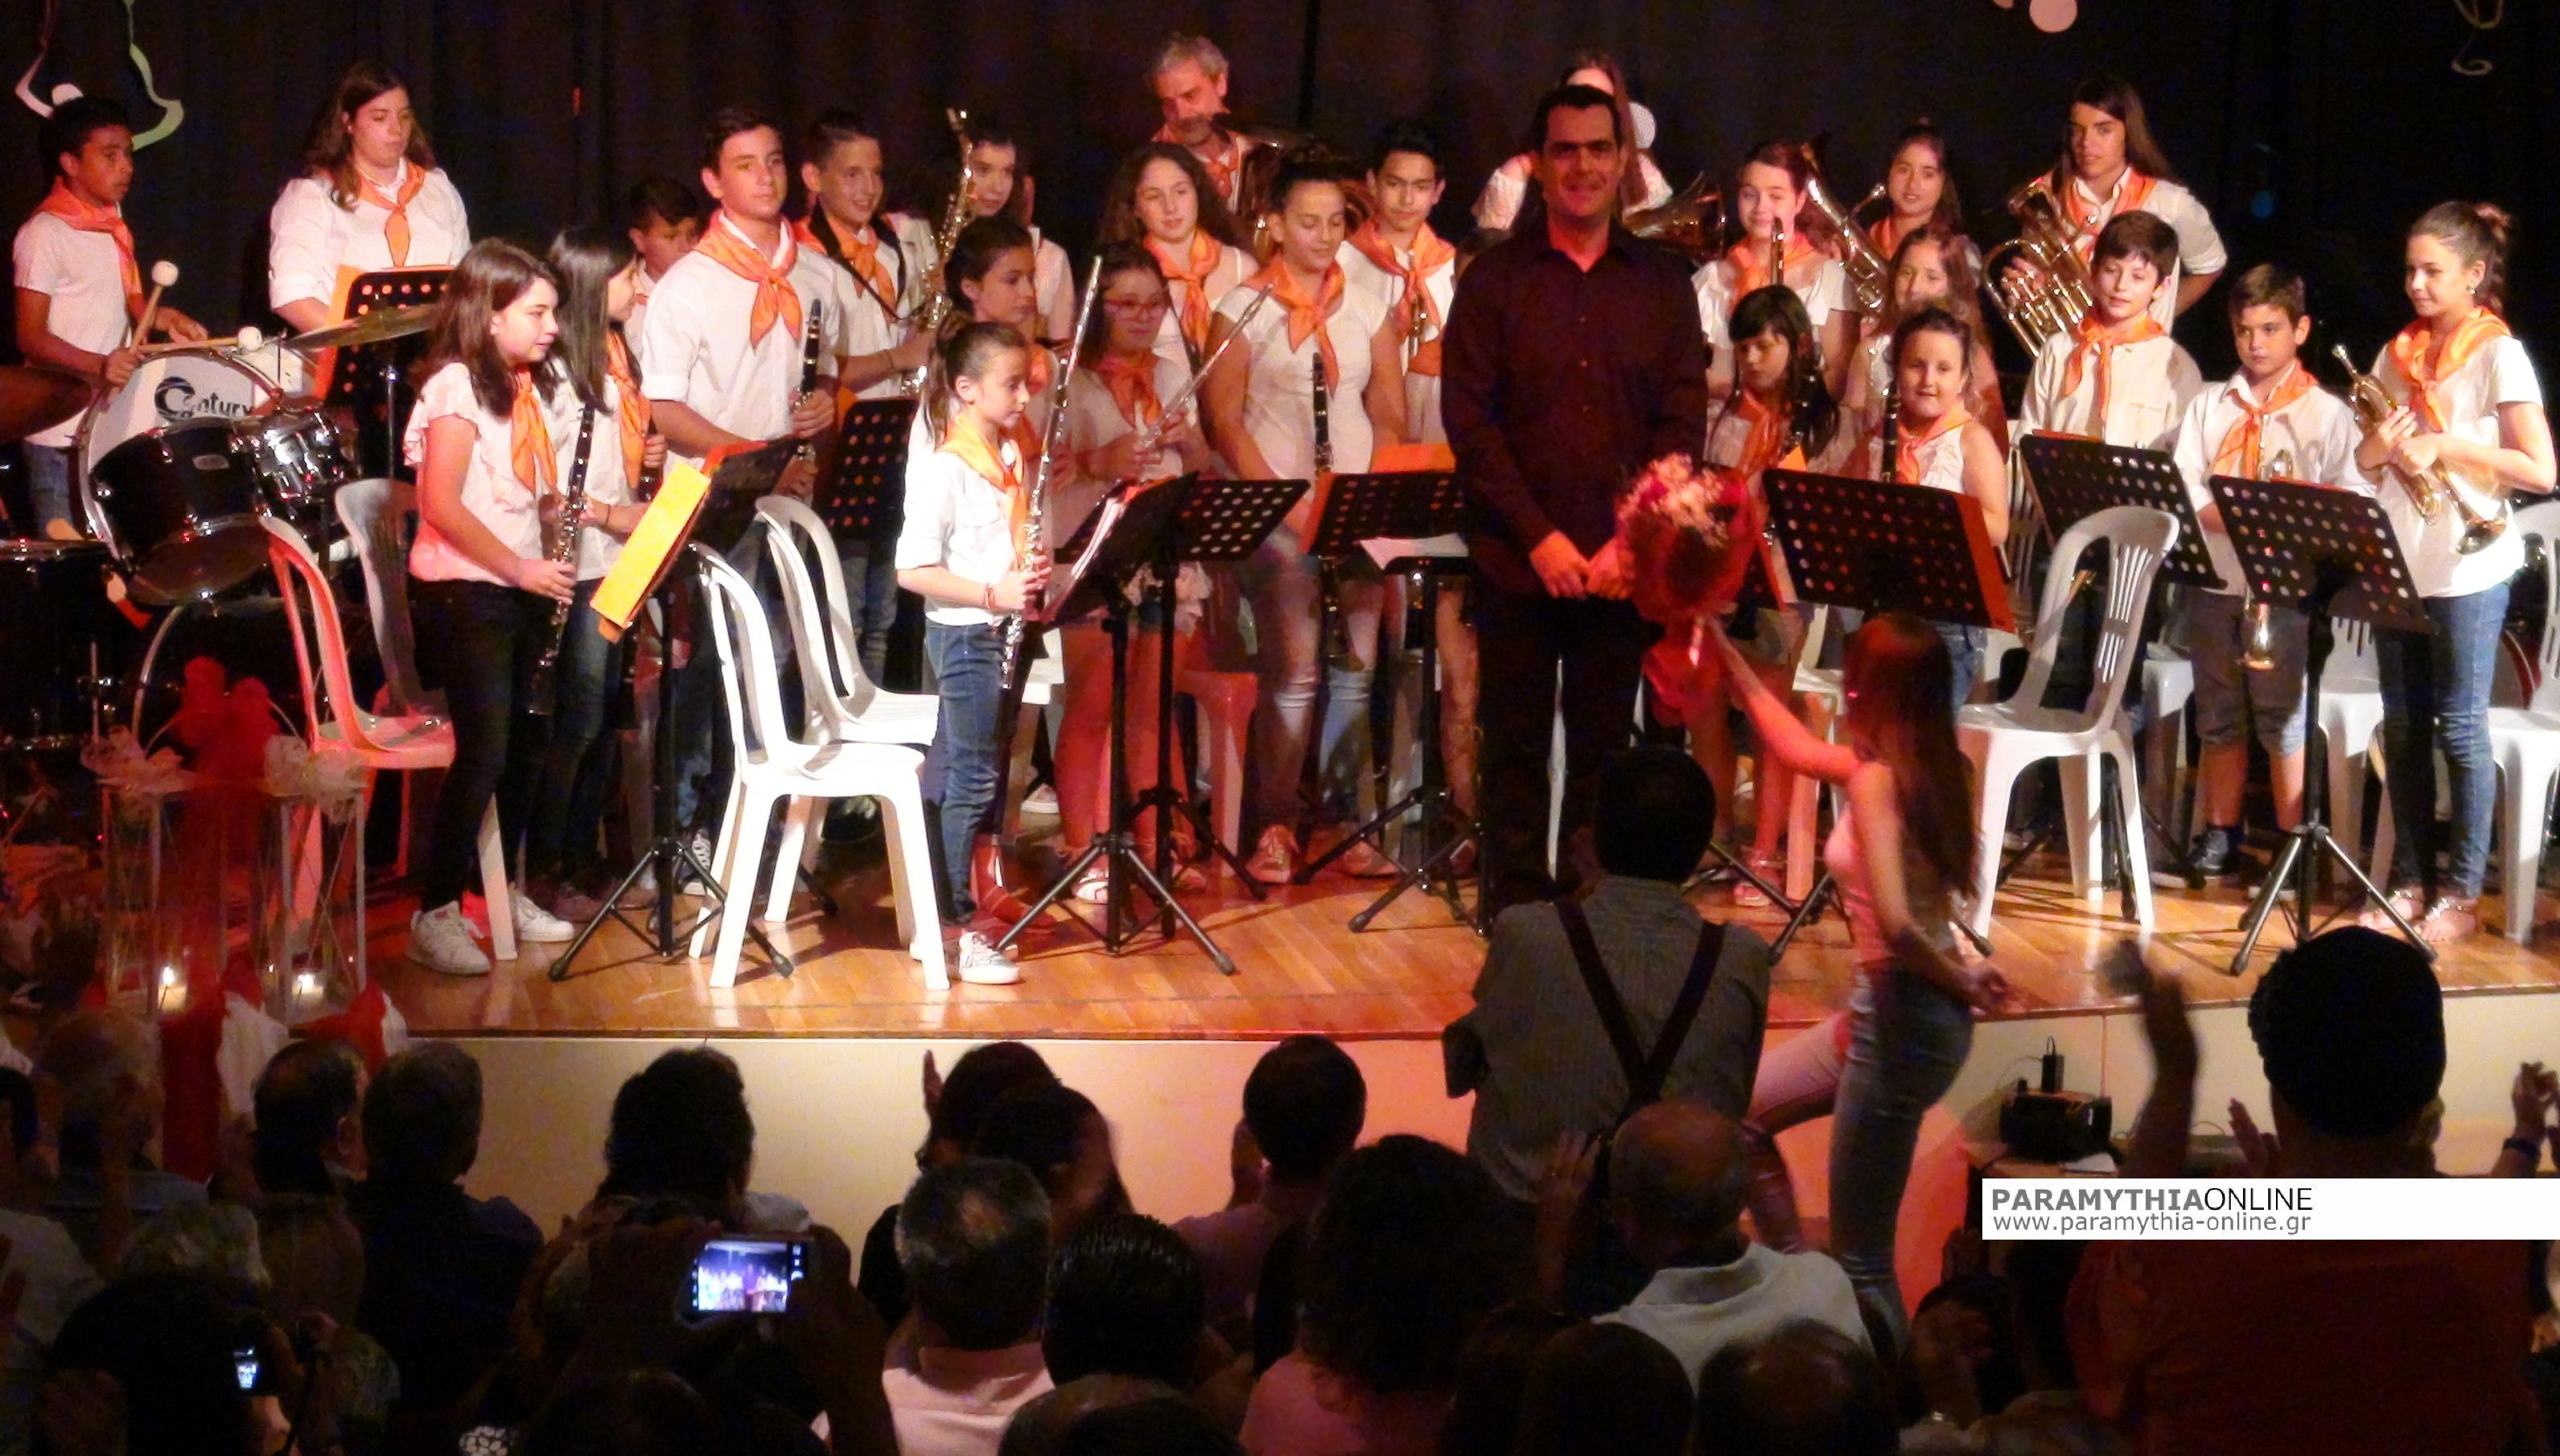 Θεσπρωτία: Την Τετάρτη η ετήσια καλοκαιρινή συναυλία της φιλαρμονικής του ΦΟΠ